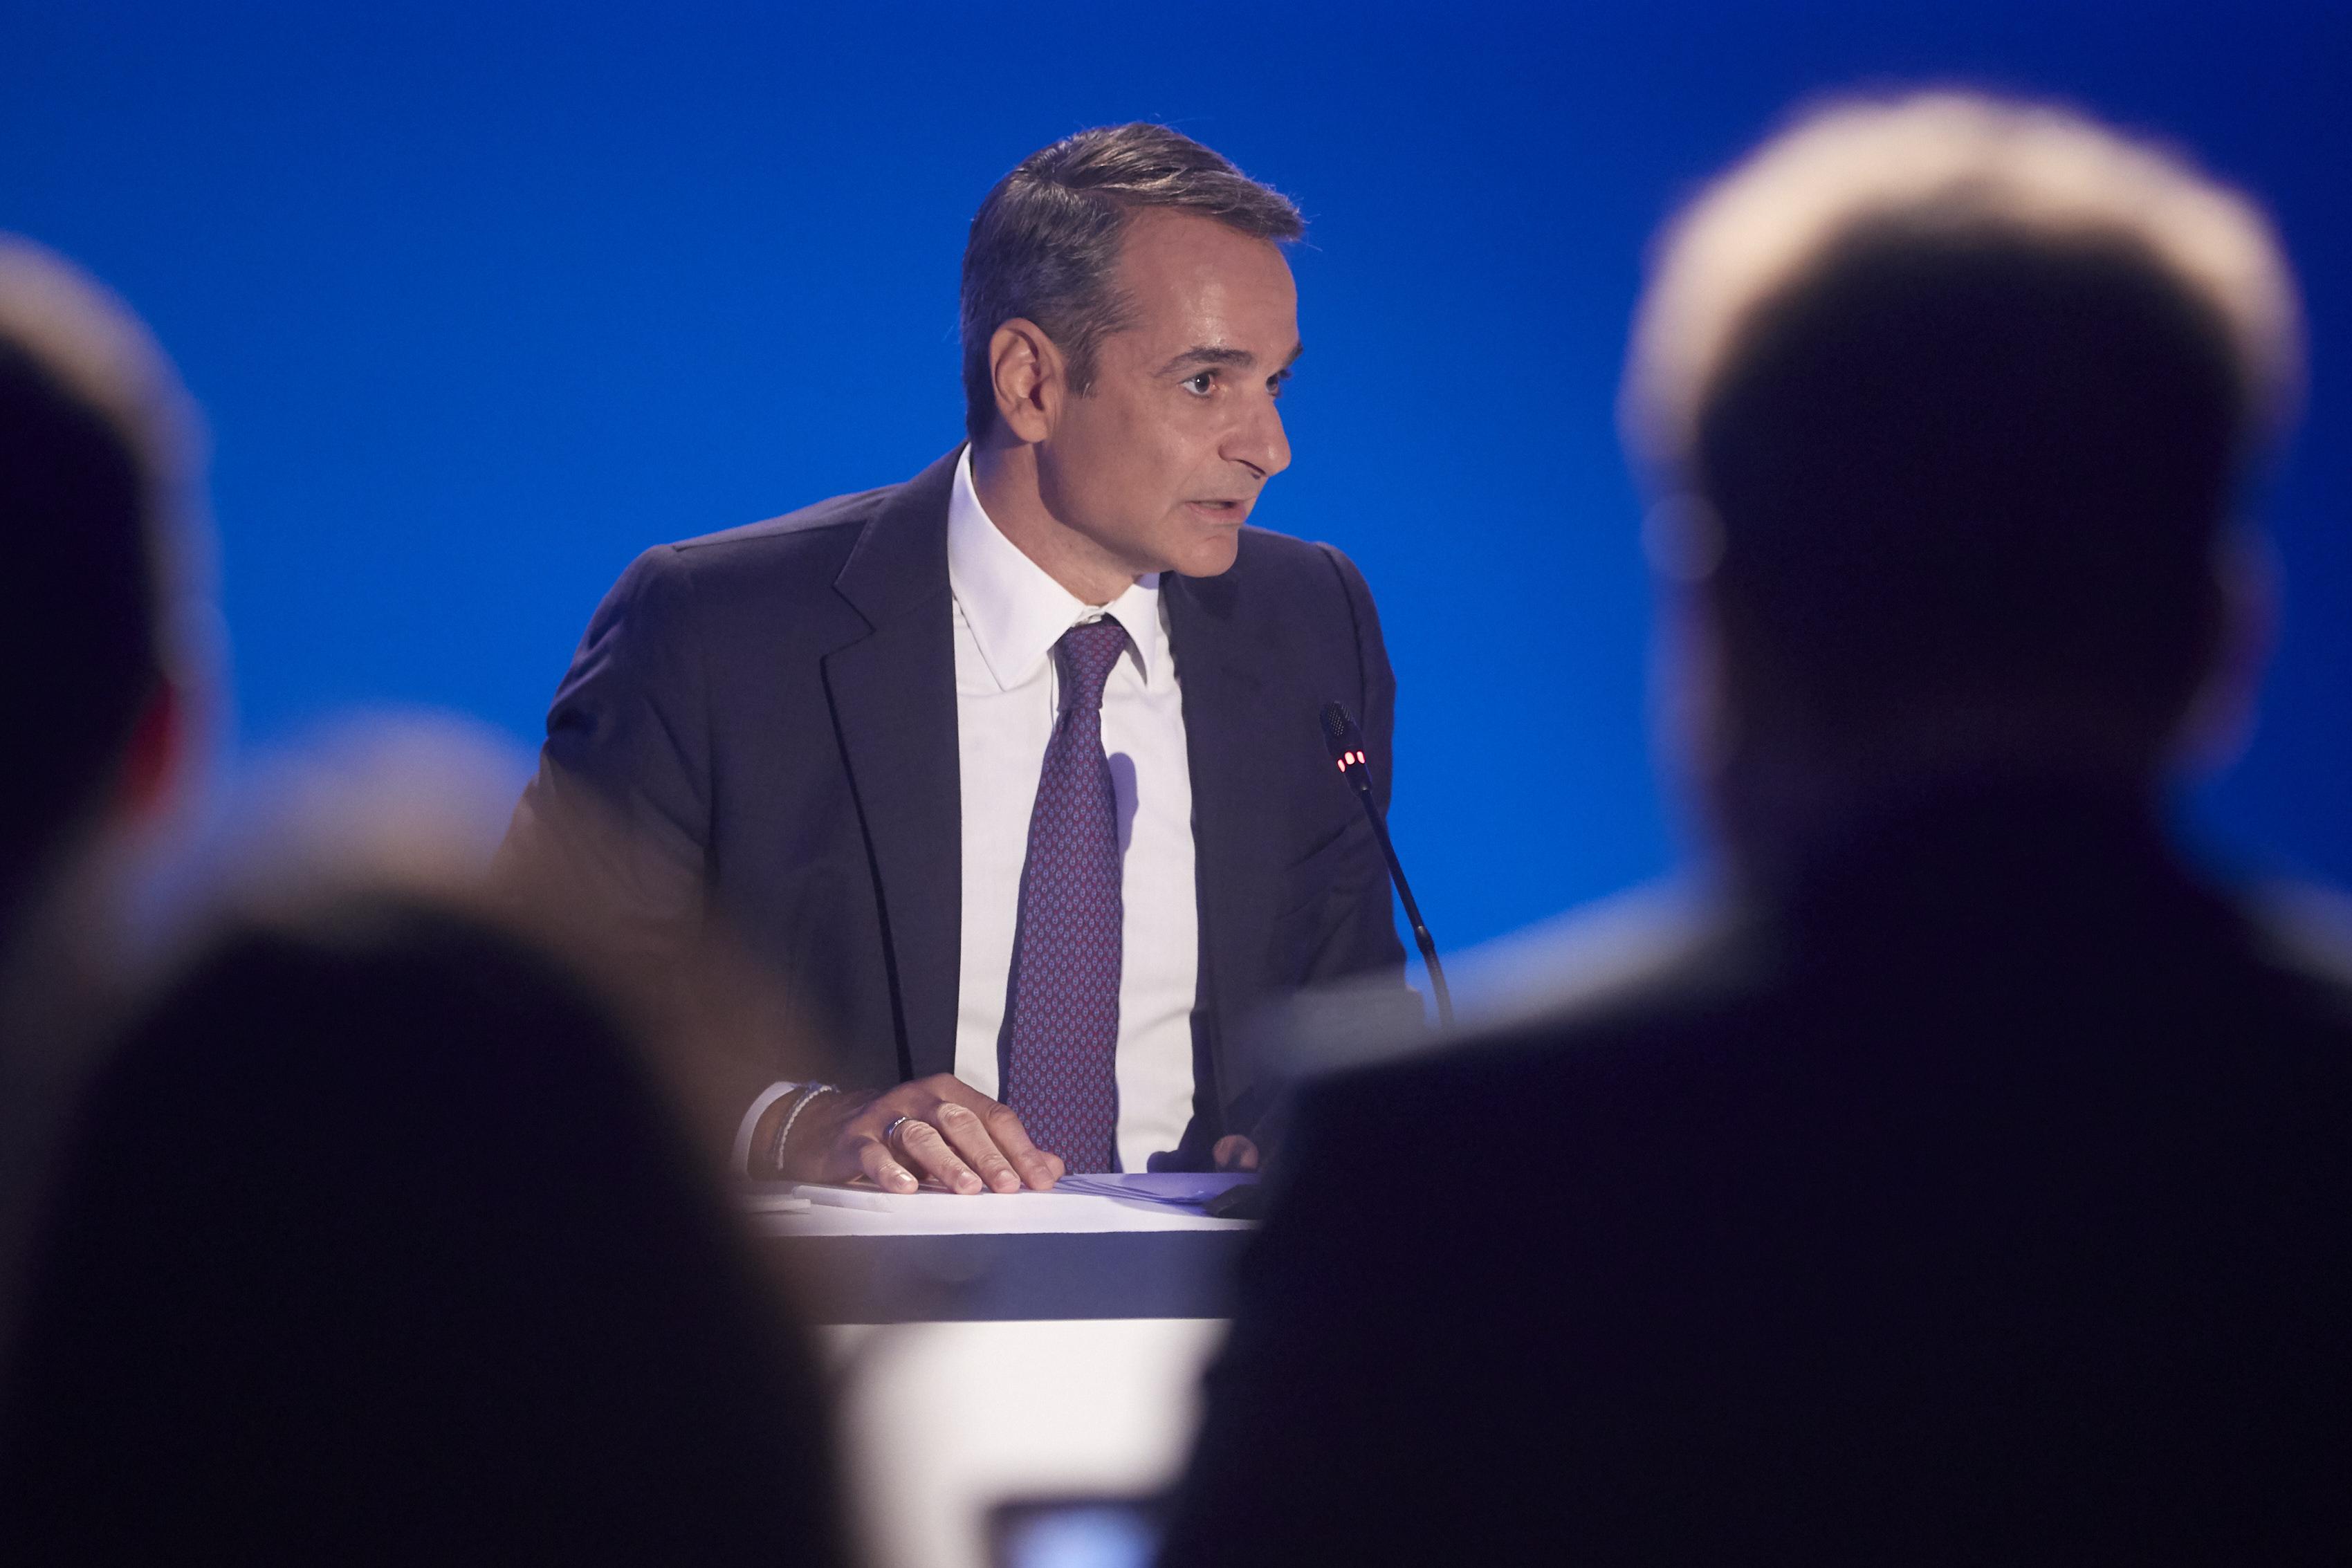 Μητσοτάκης – ΔΕΘ: Θα είμαστε αυστηροί στην εφαρμογή της Συμφωνίας των Πρεσπών